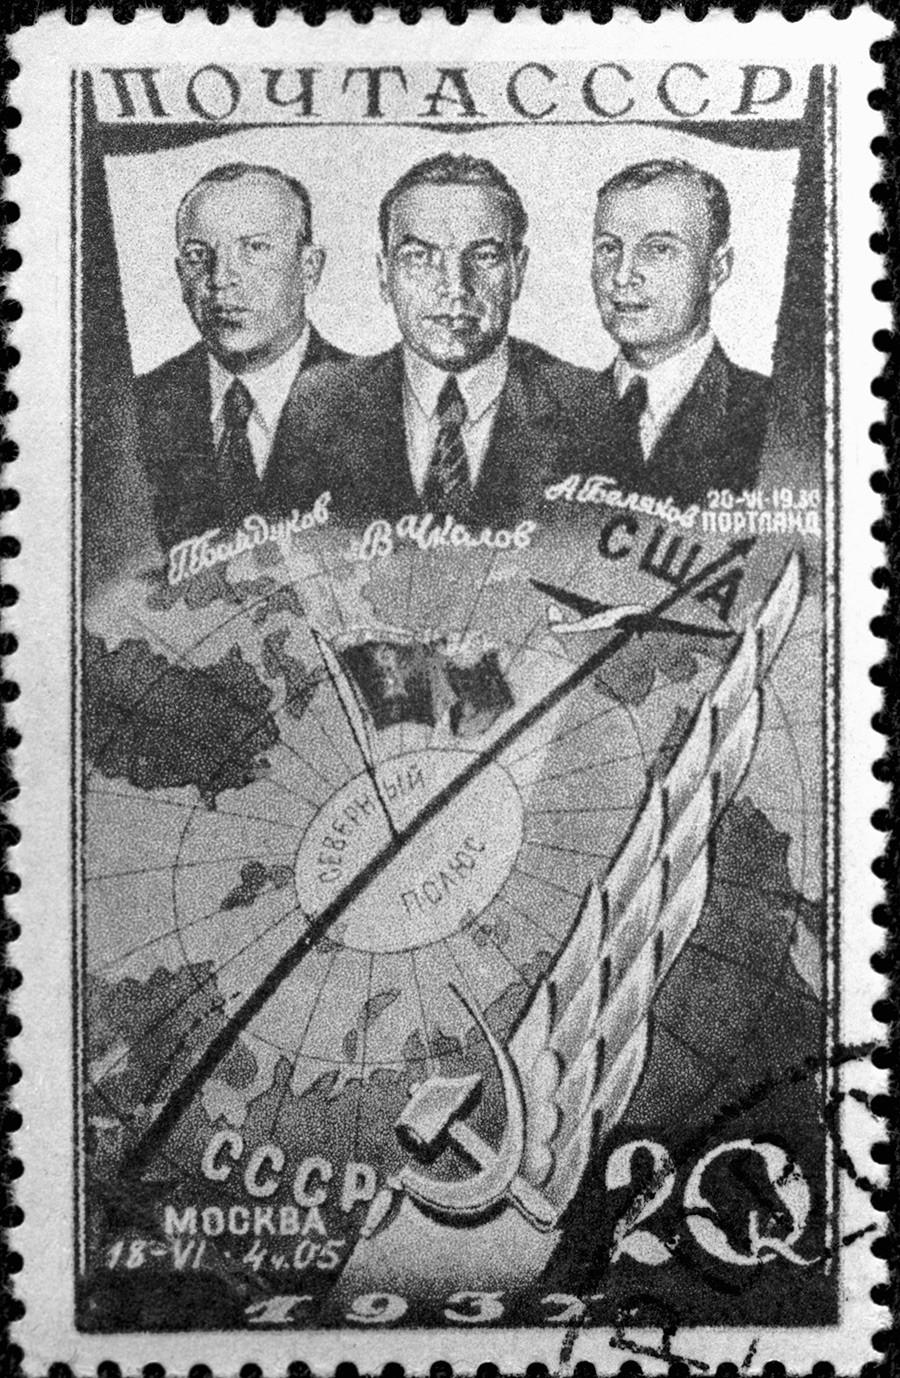 Briefmarke mit der Abbildung von Baidukow, Tschkalow und Beljakow